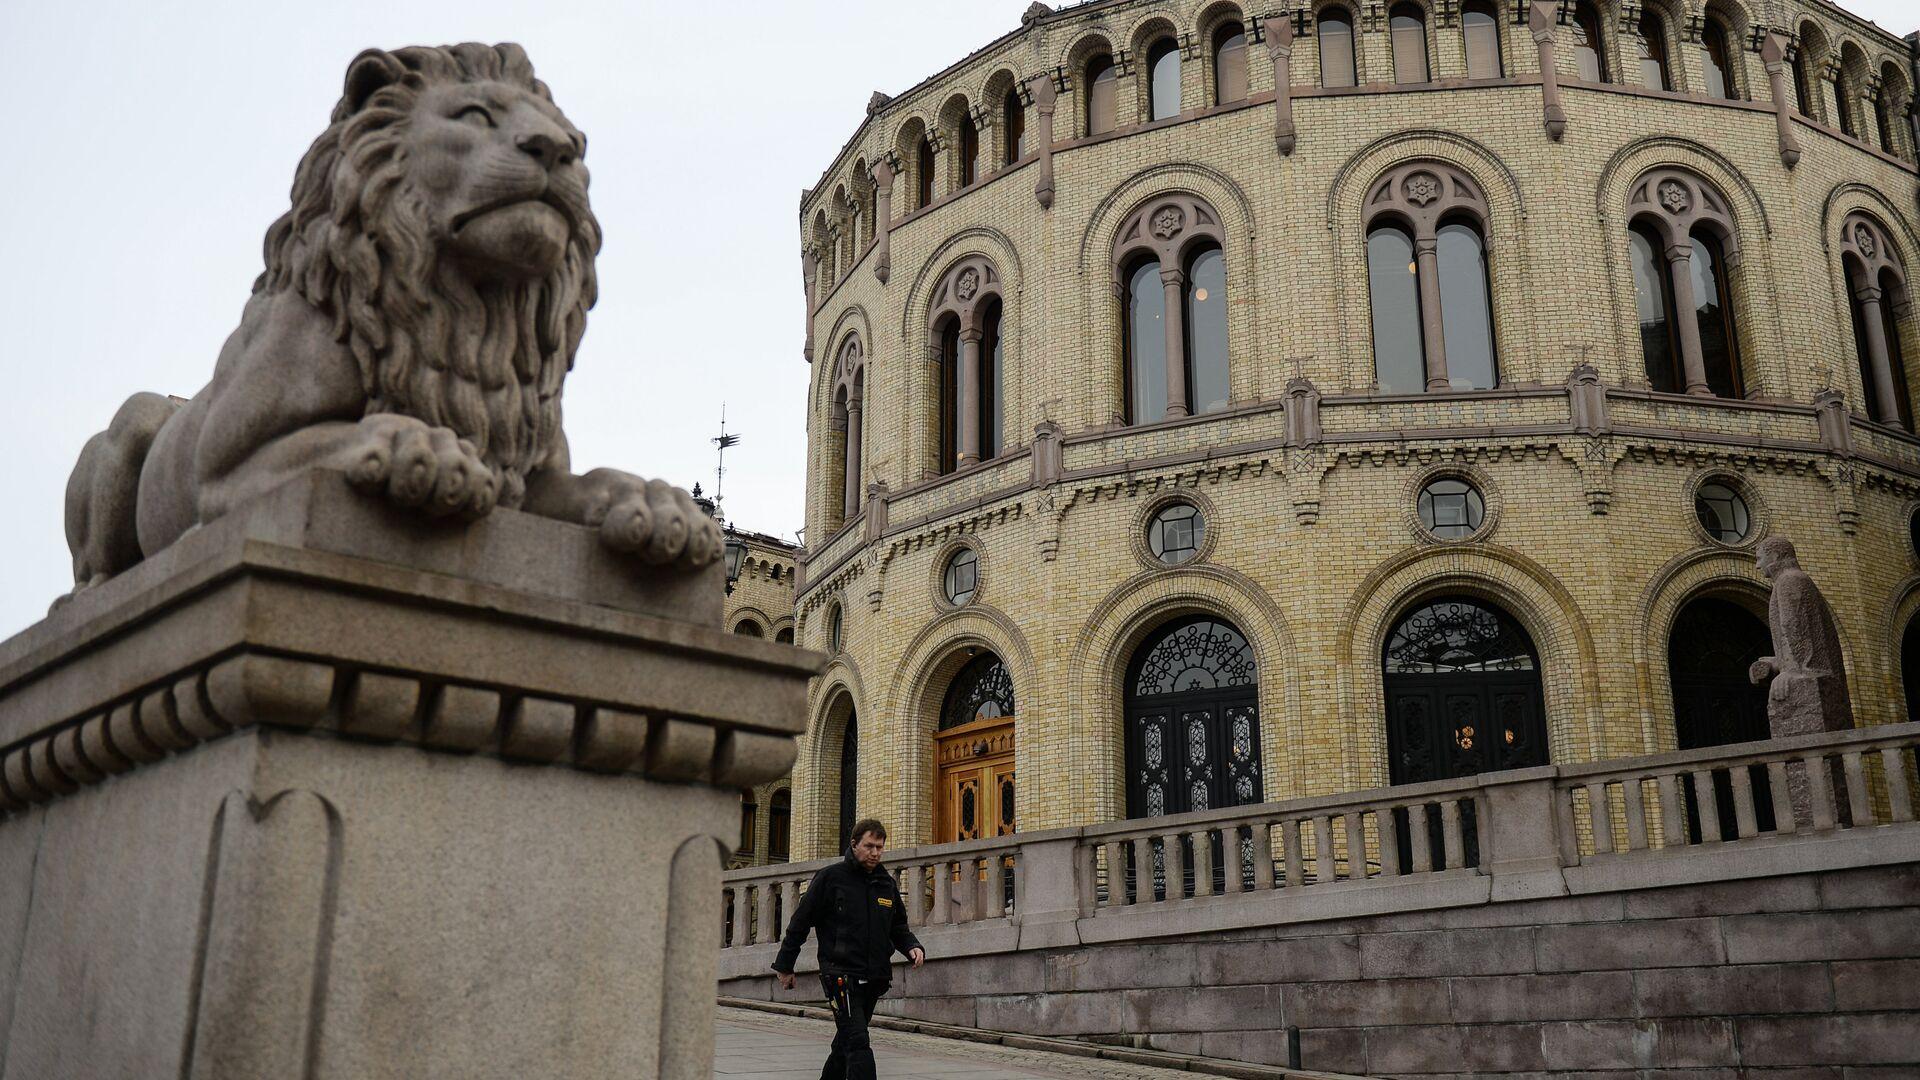 Здание парламента Норвегии в Осло. Архивное фото  - РИА Новости, 1920, 08.12.2020